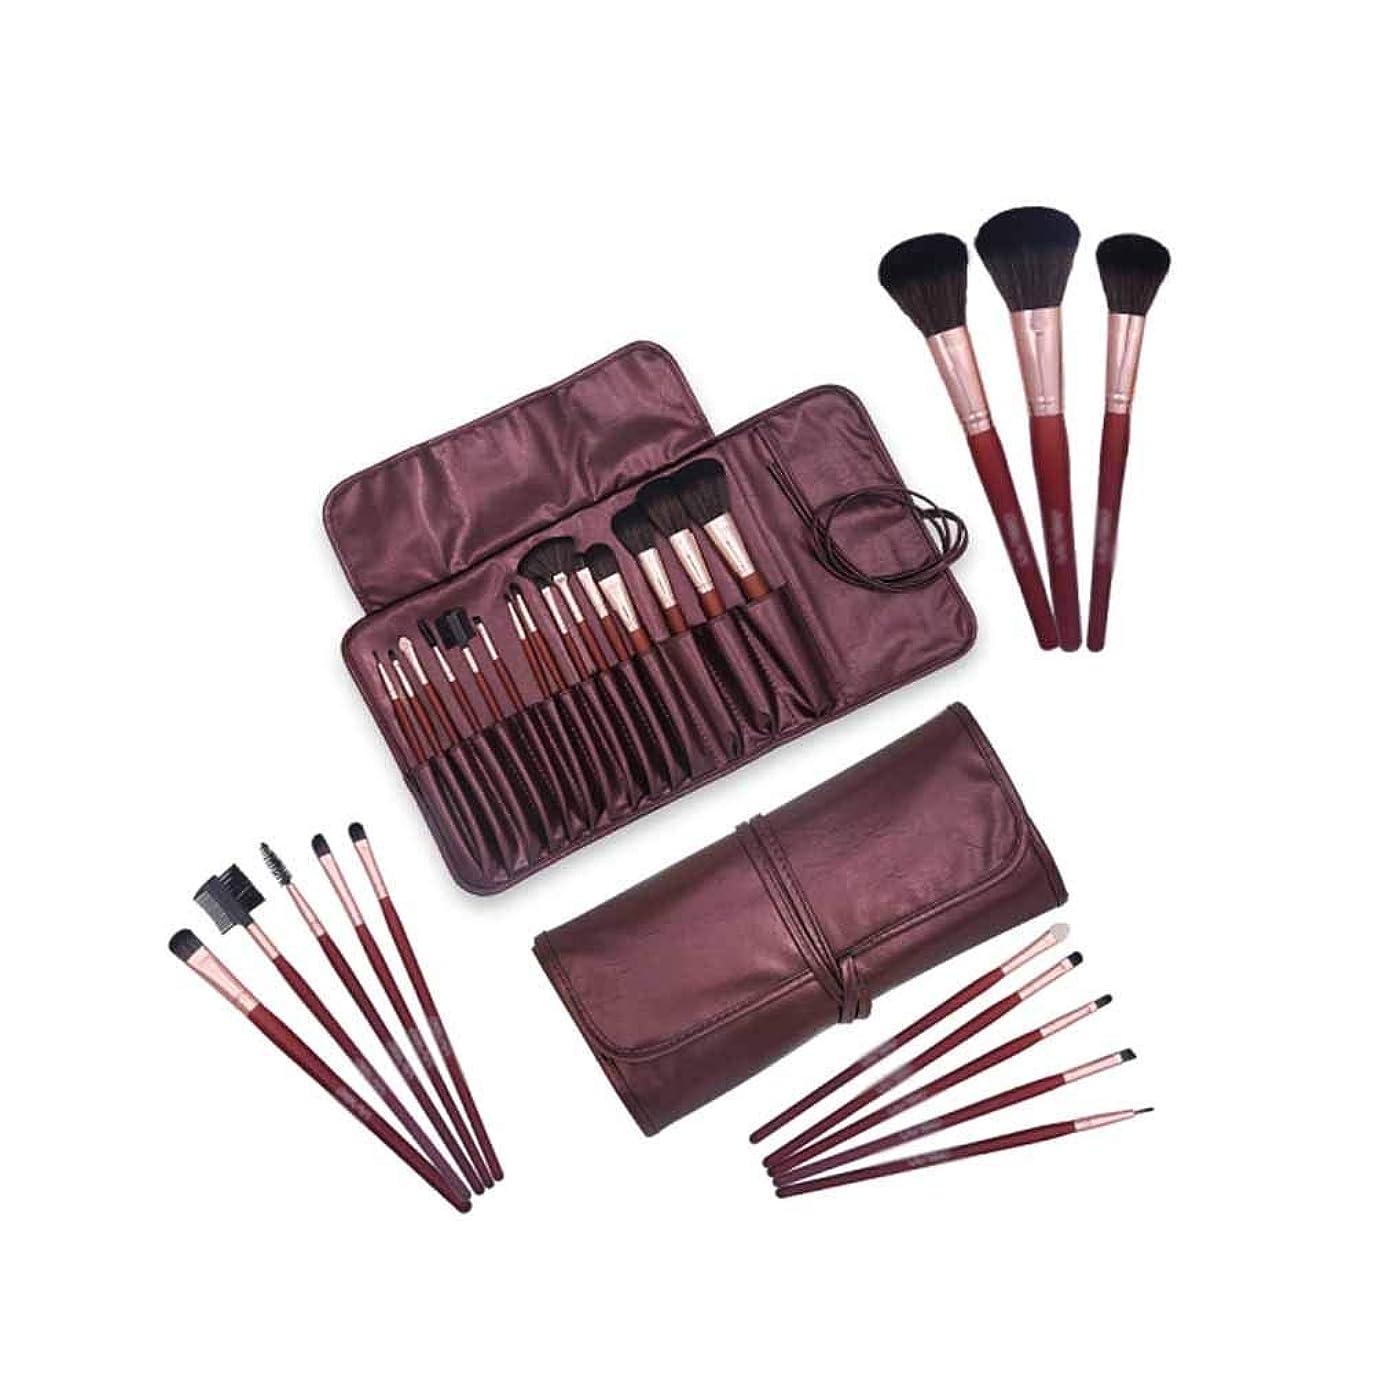 手配する死ぬ道徳Hongyuantongxun001 化粧ブラシ、15個の化粧ブラシセット、収納袋付き、柔らかい素材、初心者用ポータブル化粧道具一式,手作り (Color : Brown)